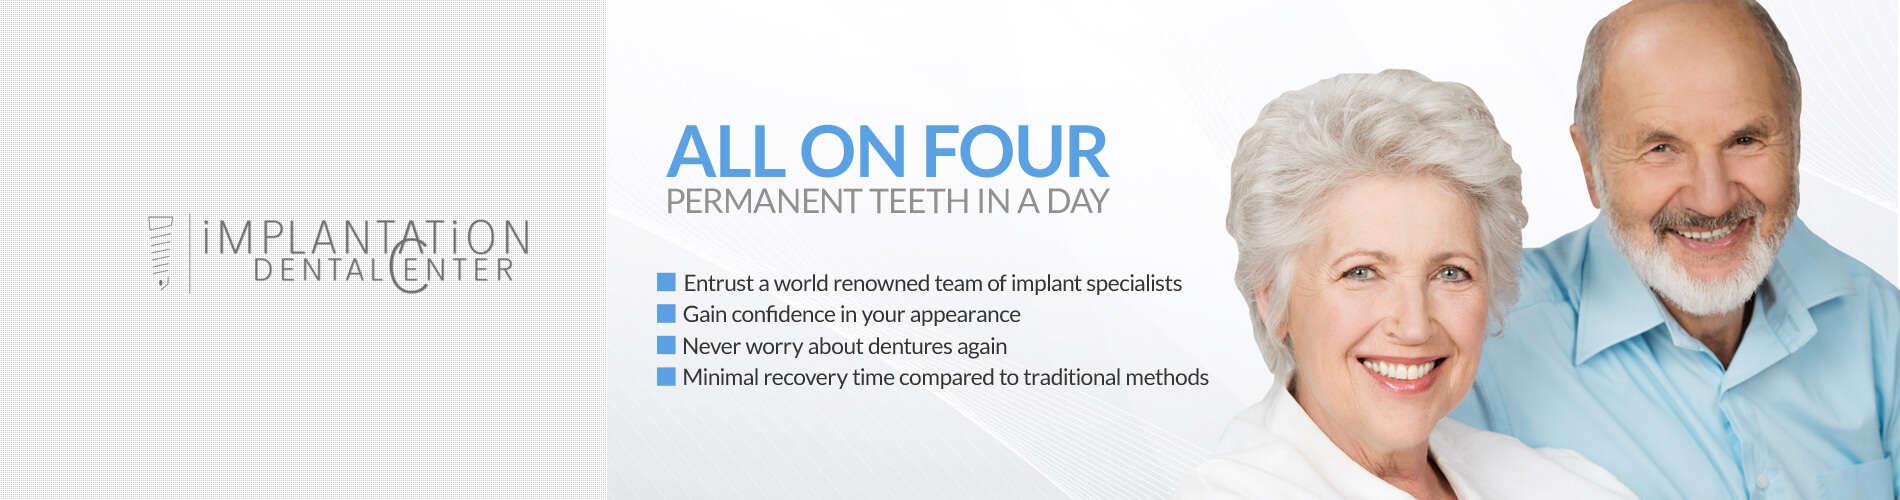 , Home, Implantation Dental Center